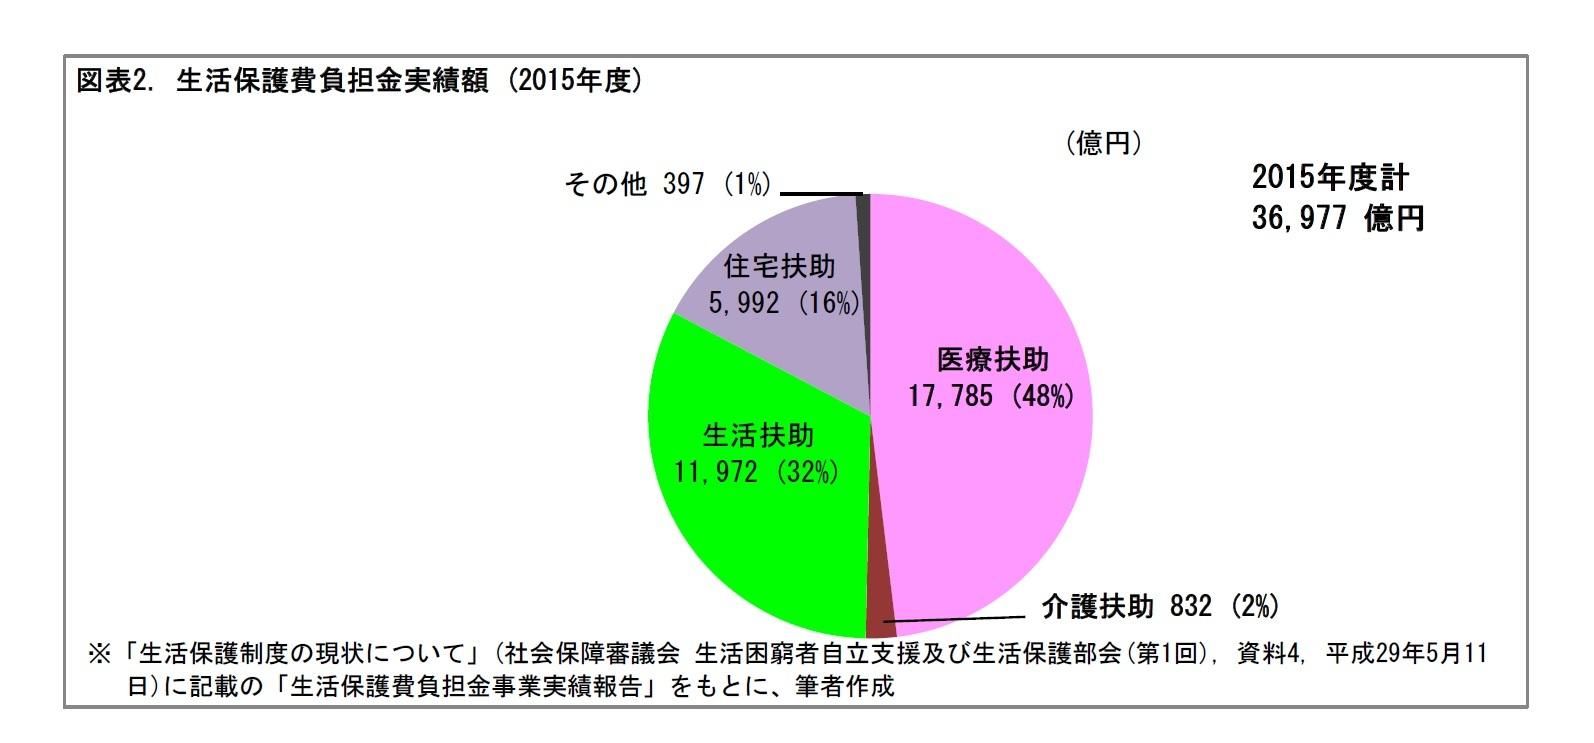 図表2. 生活保護費負担金実績額 (2015年度)